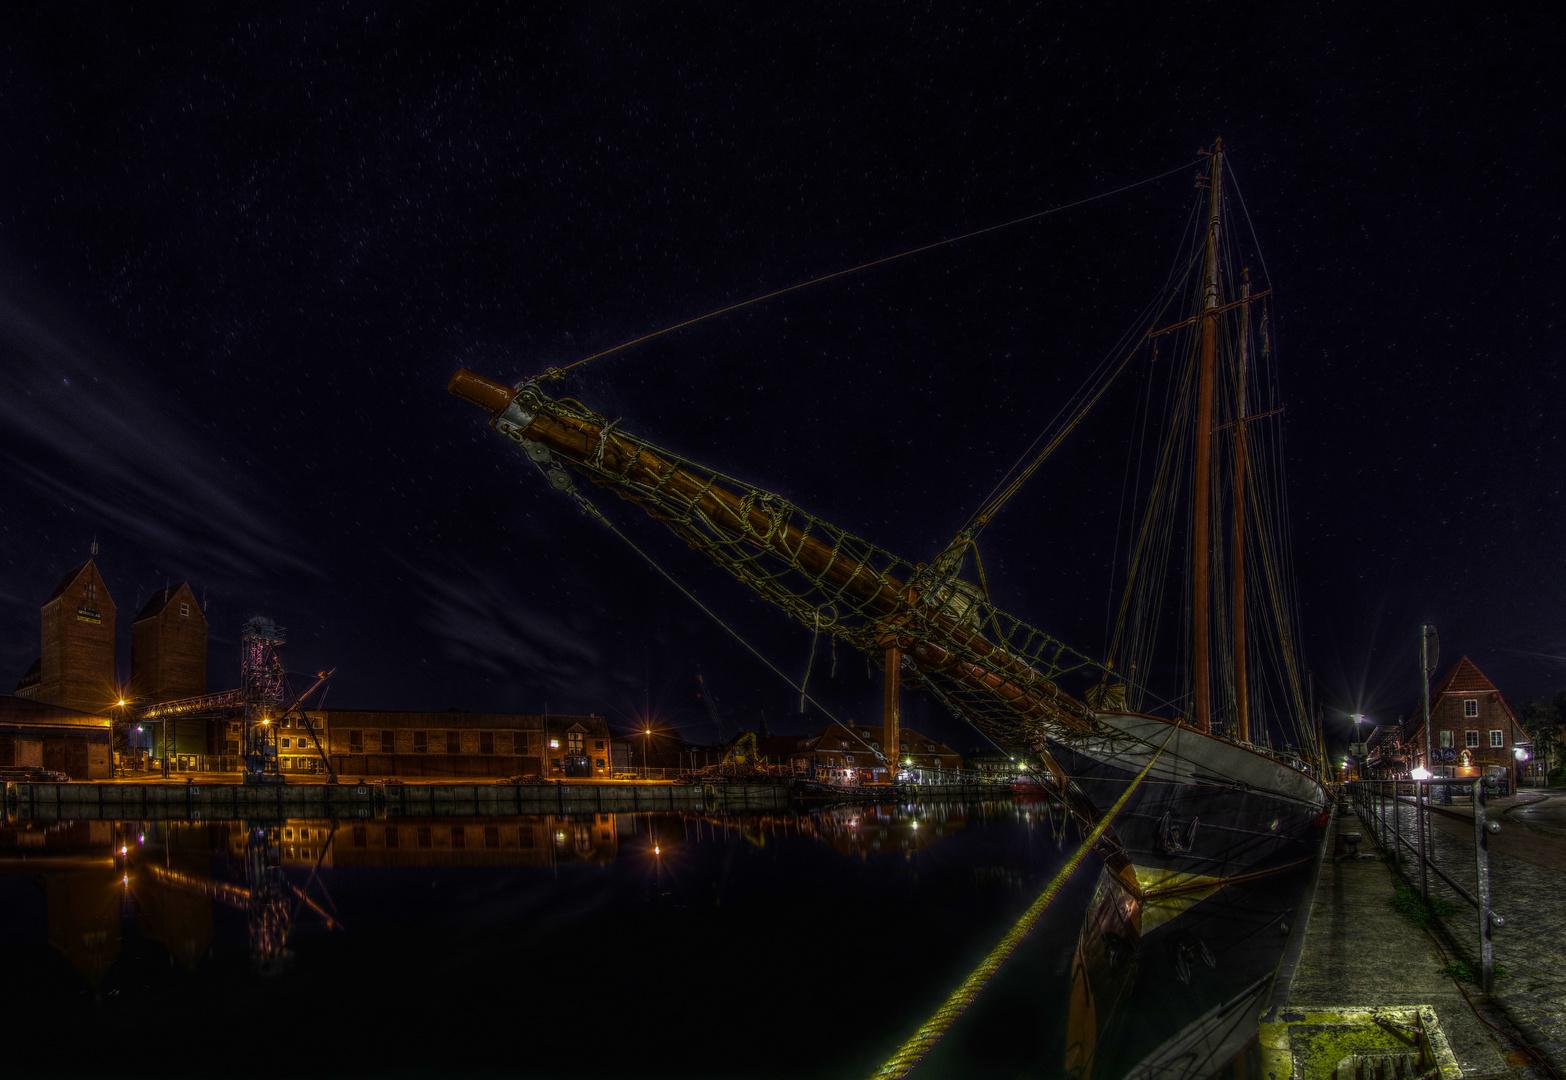 Nachthafen II